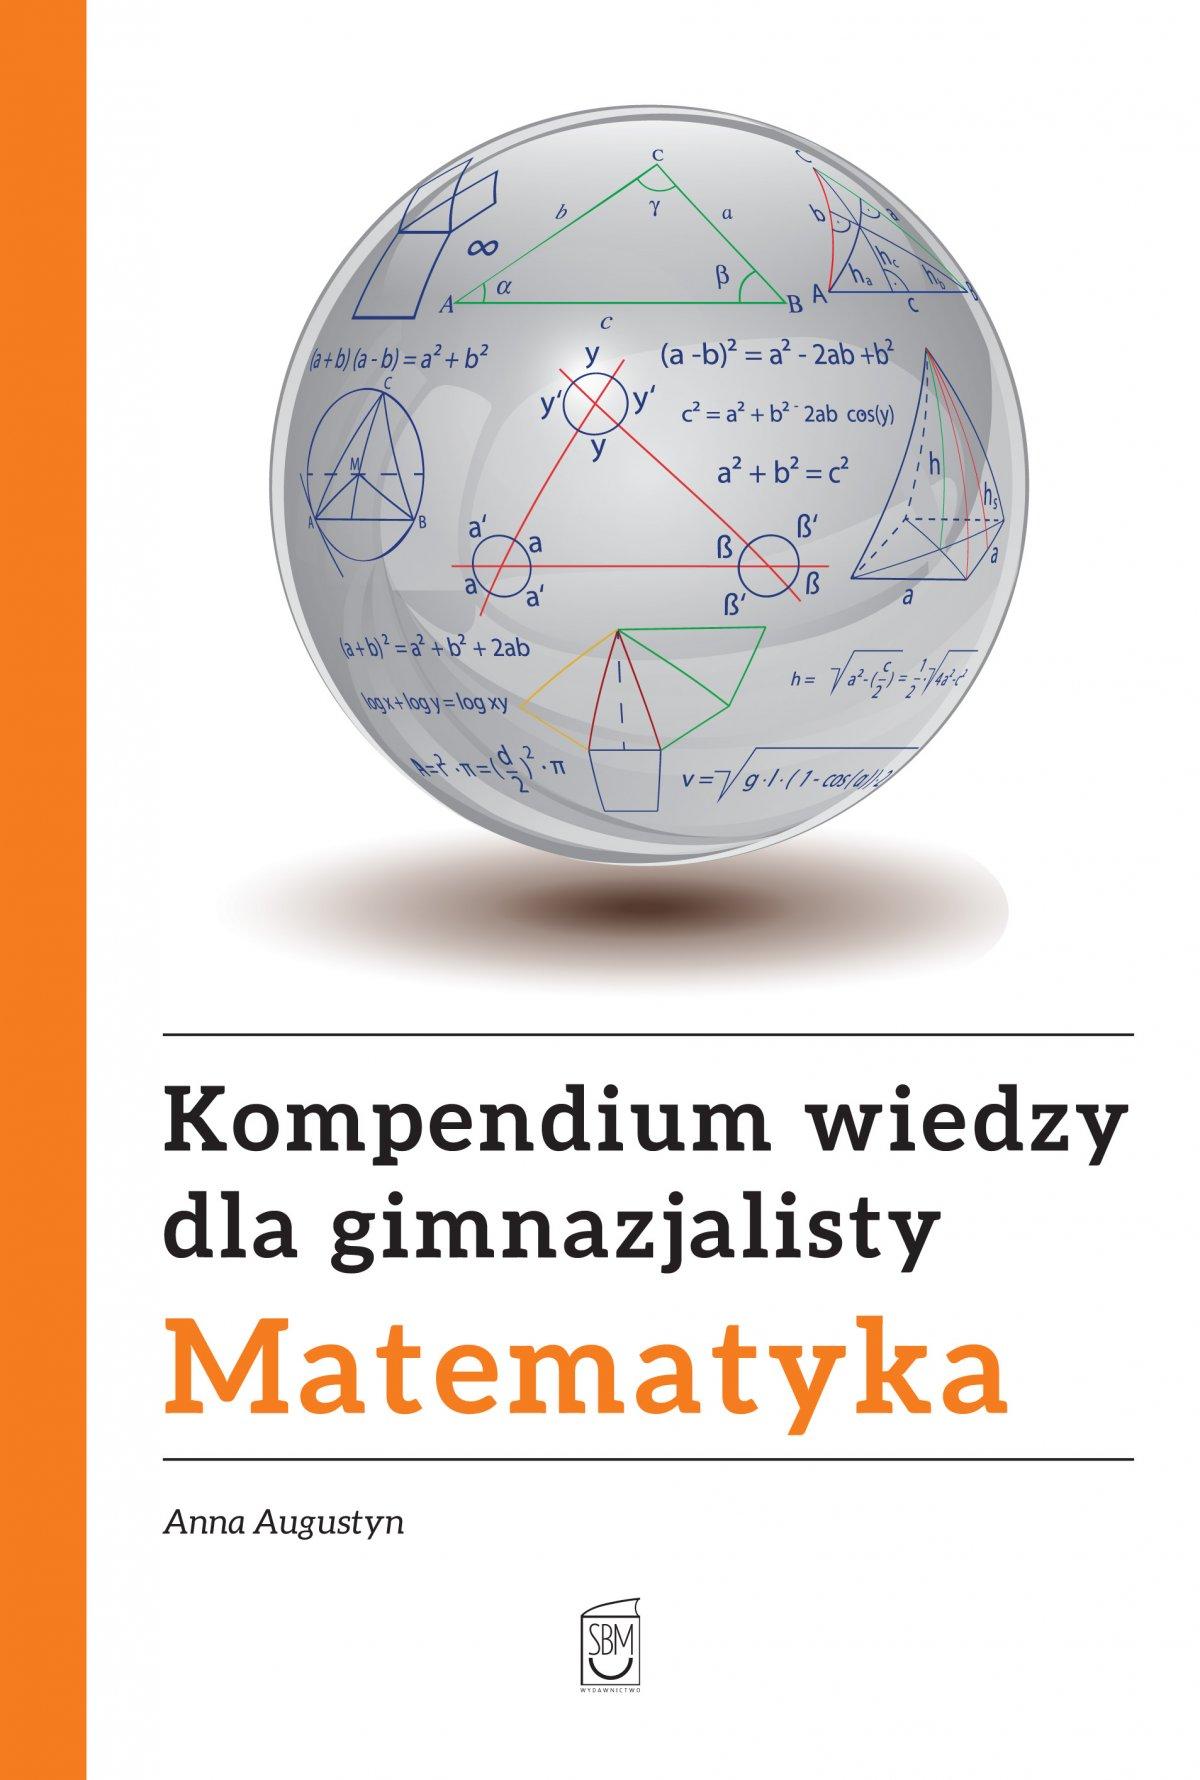 Kompendium wiedzy gimnazjalisty. Matematyka - Ebook (Książka PDF) do pobrania w formacie PDF